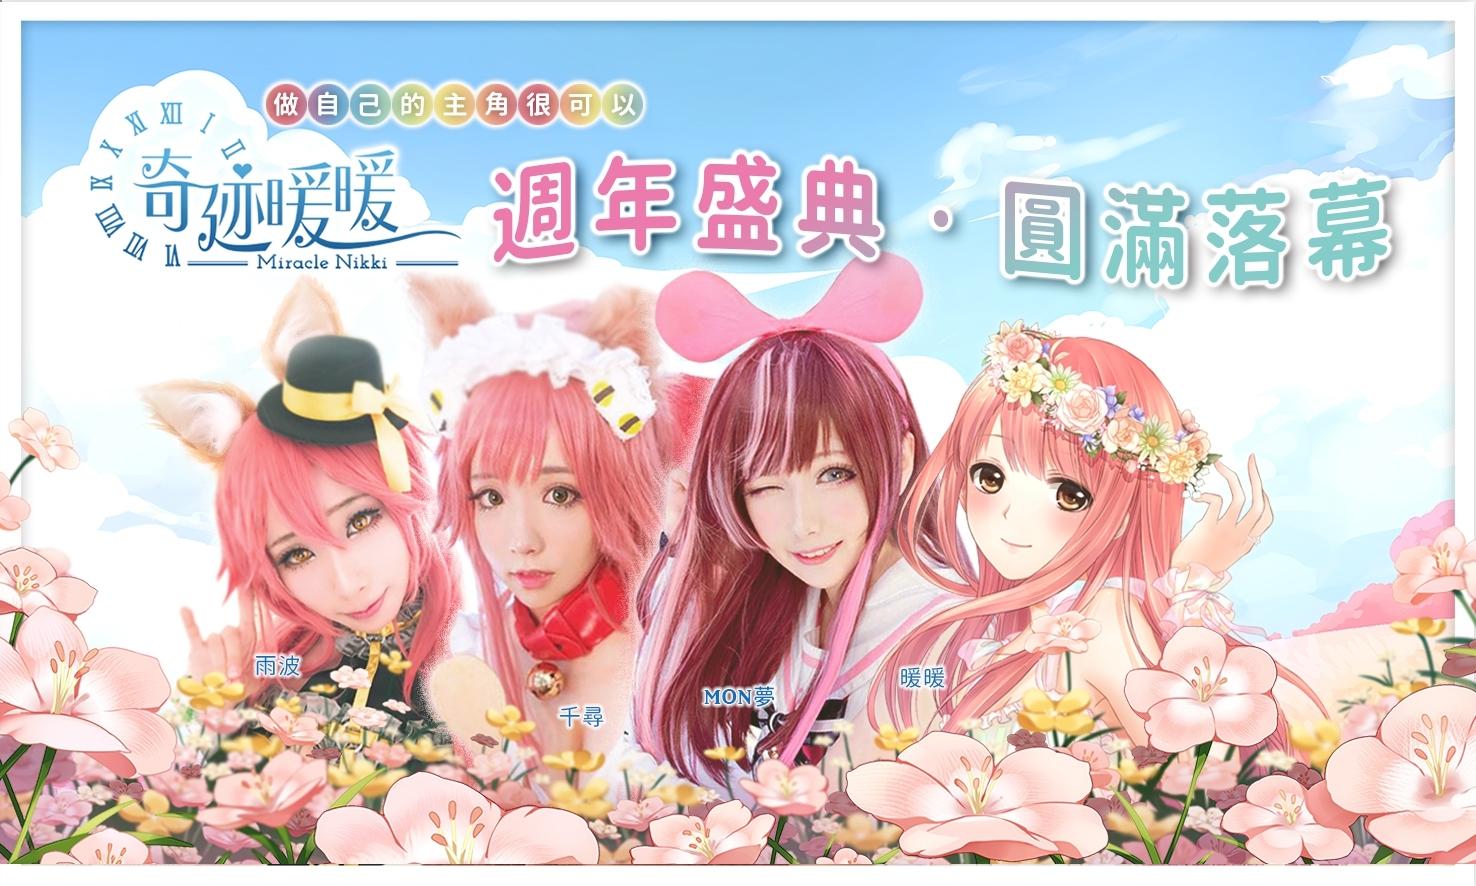 《奇迹暖暖》台灣首辦實體活動 「一週年盛典」北、中、南巡迴熱鬧落幕!